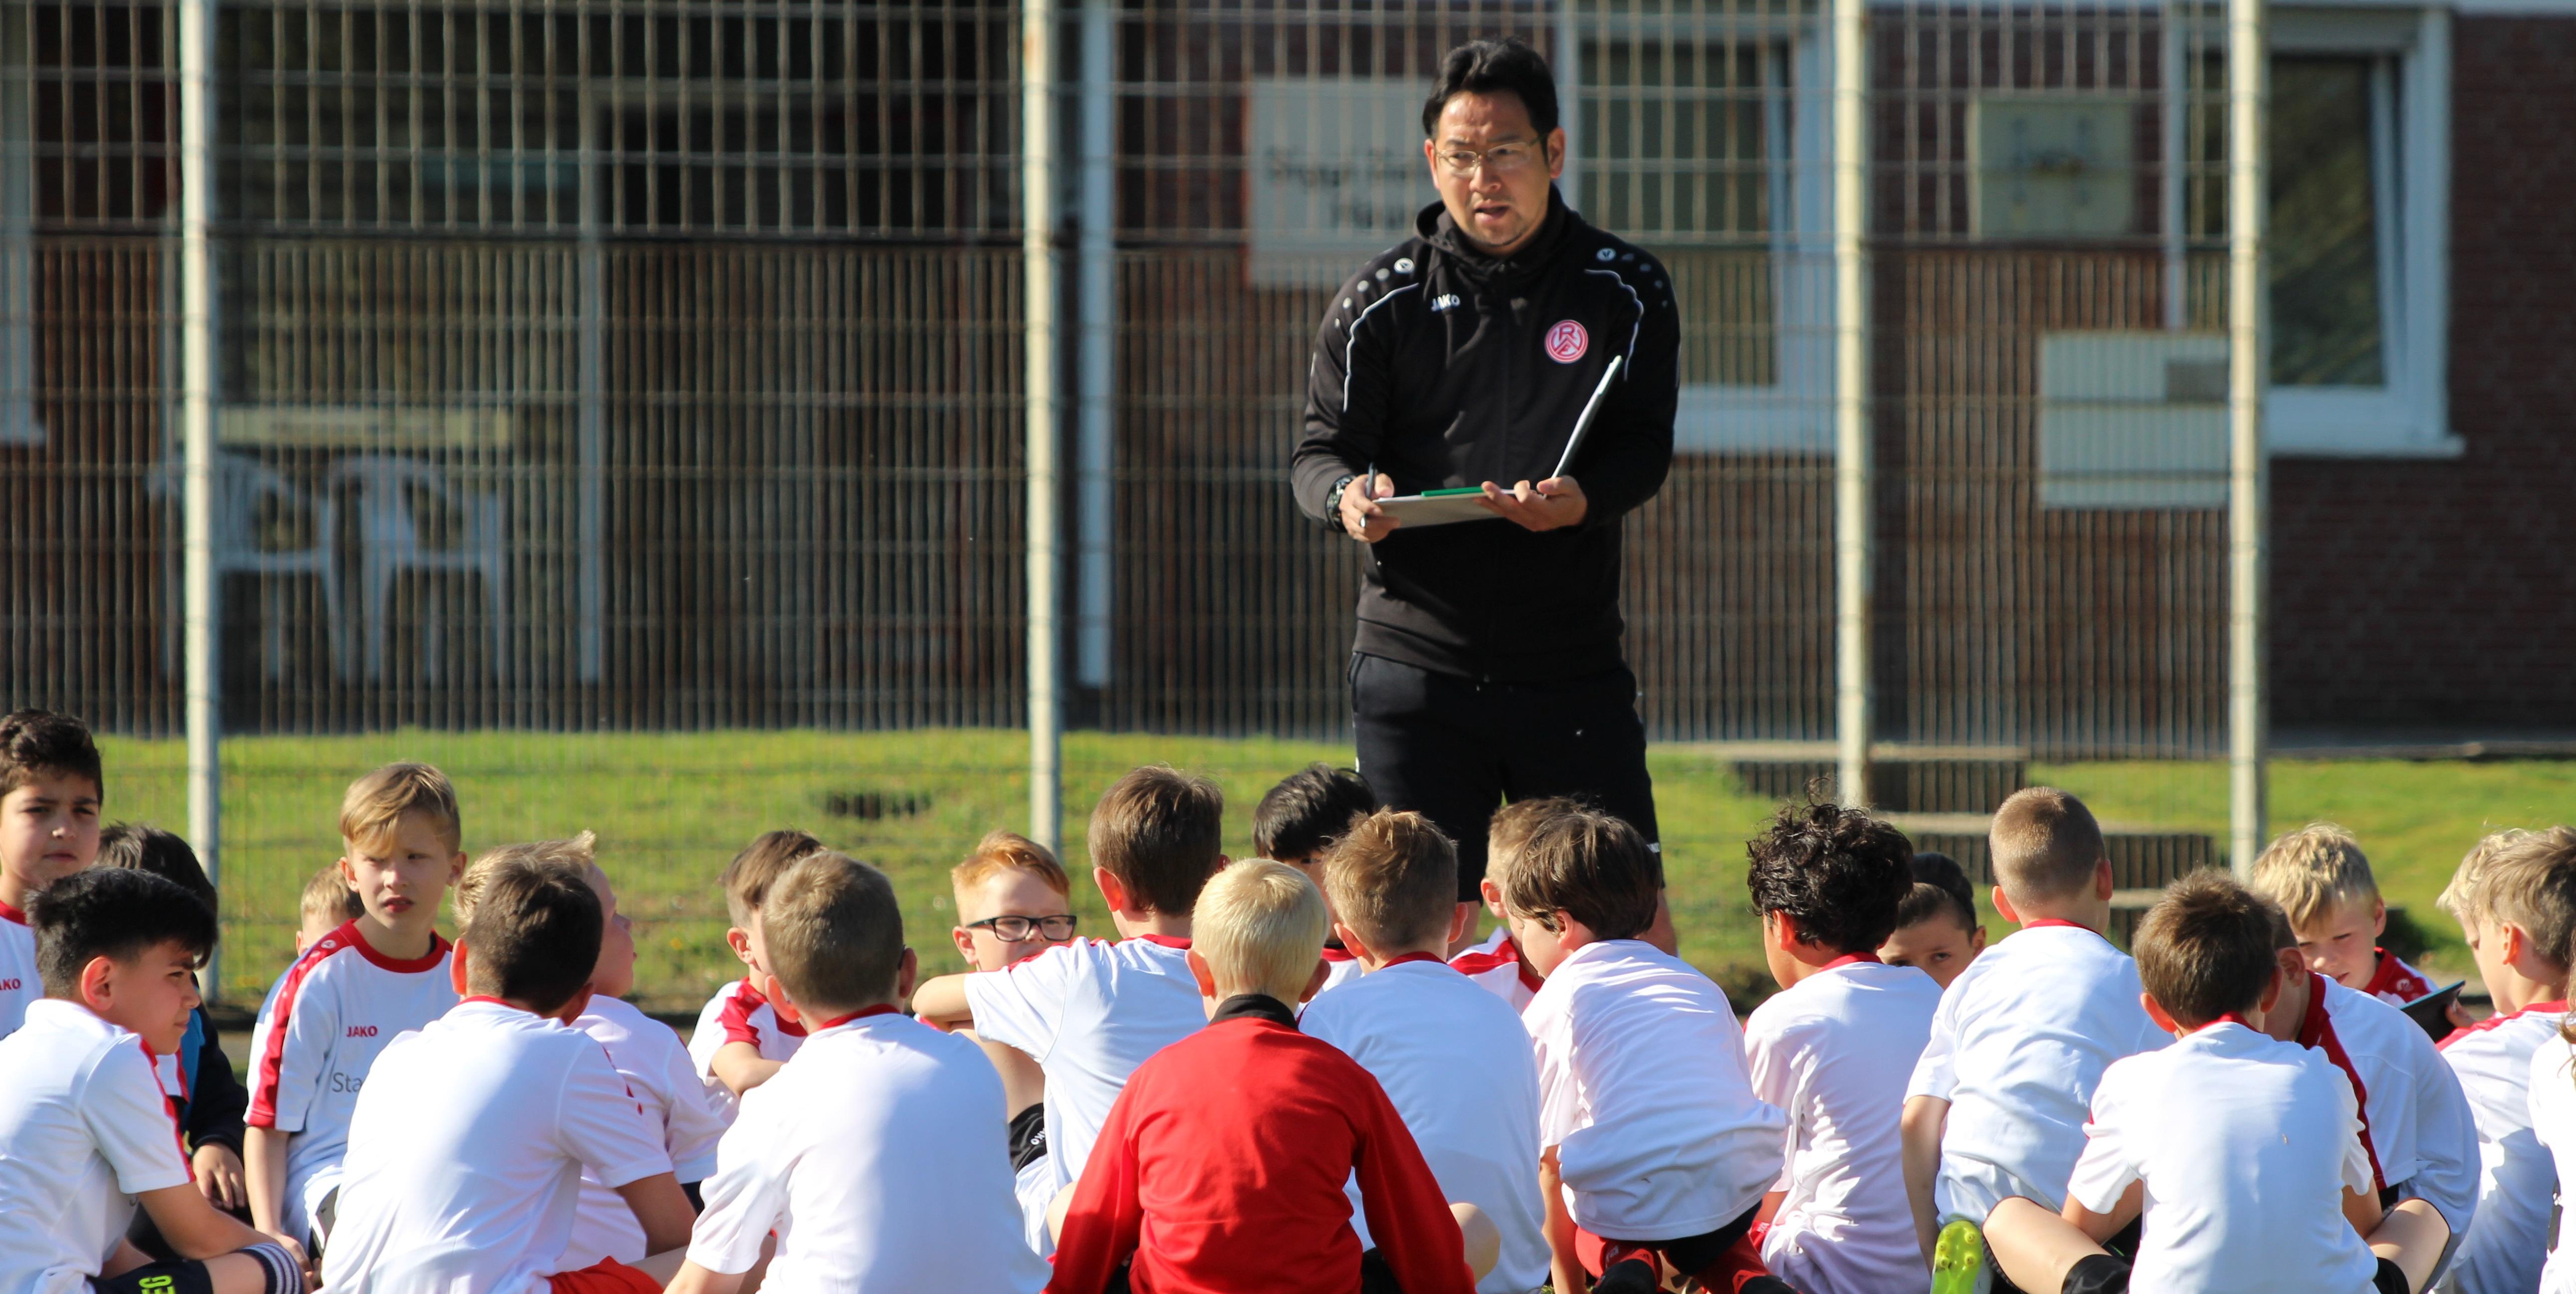 RWE-U9 Trainer Masataka Fukuoka ist einer der Betreuer beim Osterferiencamp.